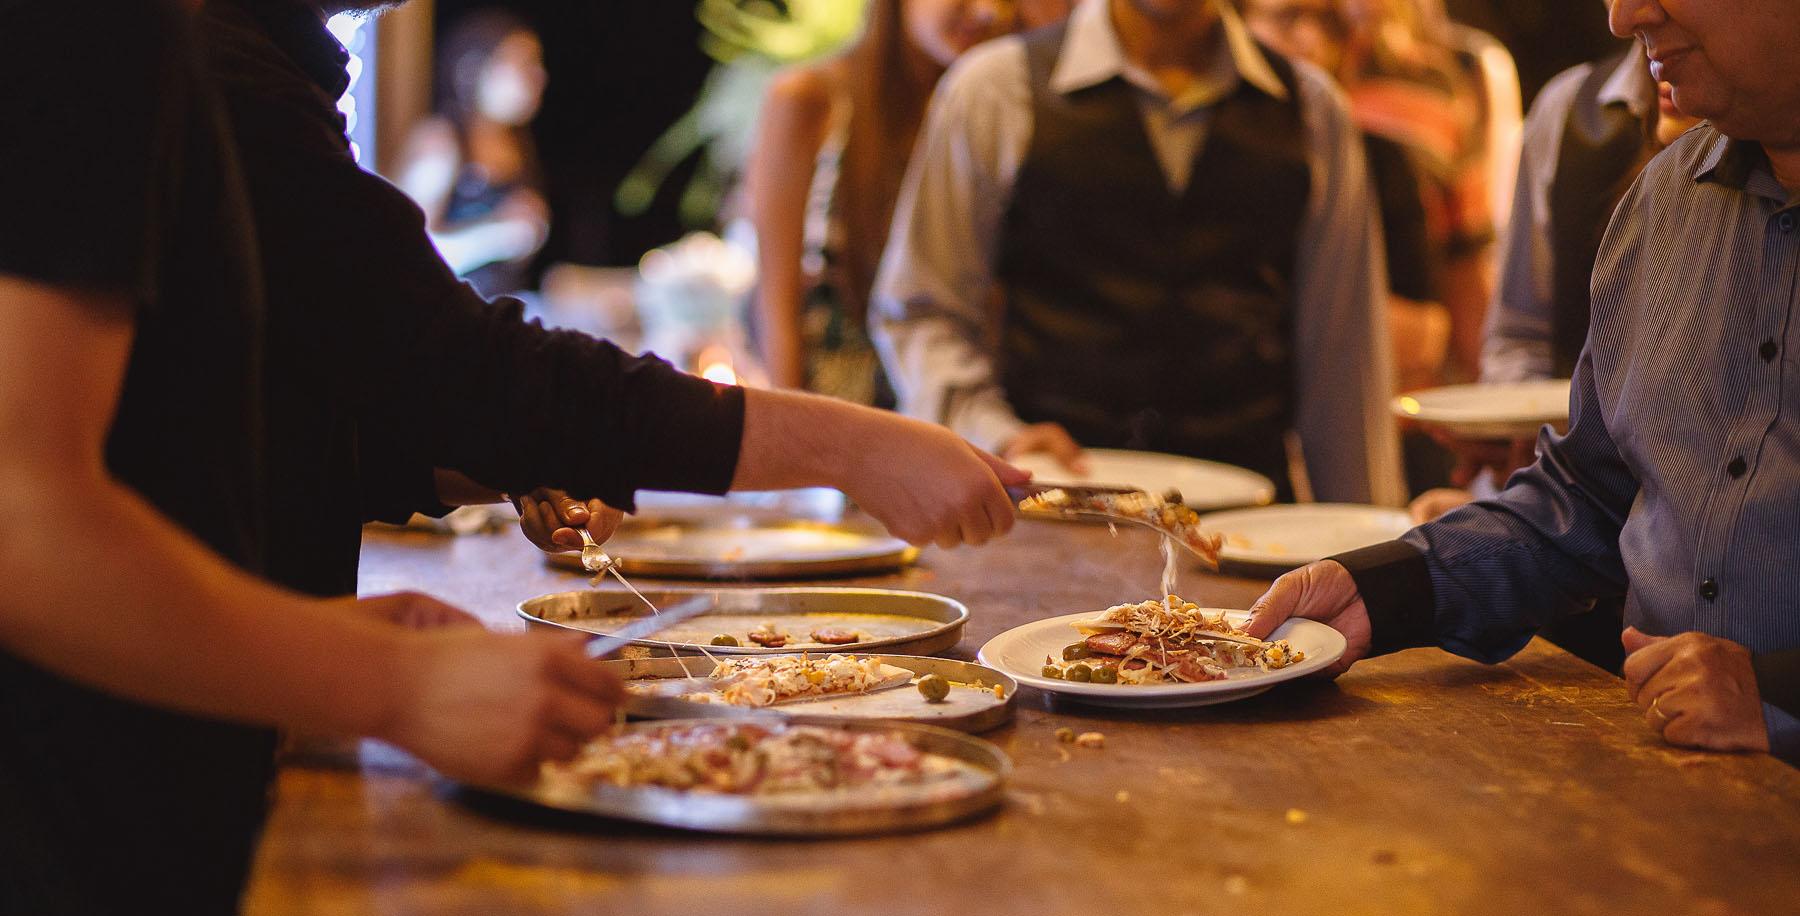 Como Servir Pizza no Casamento